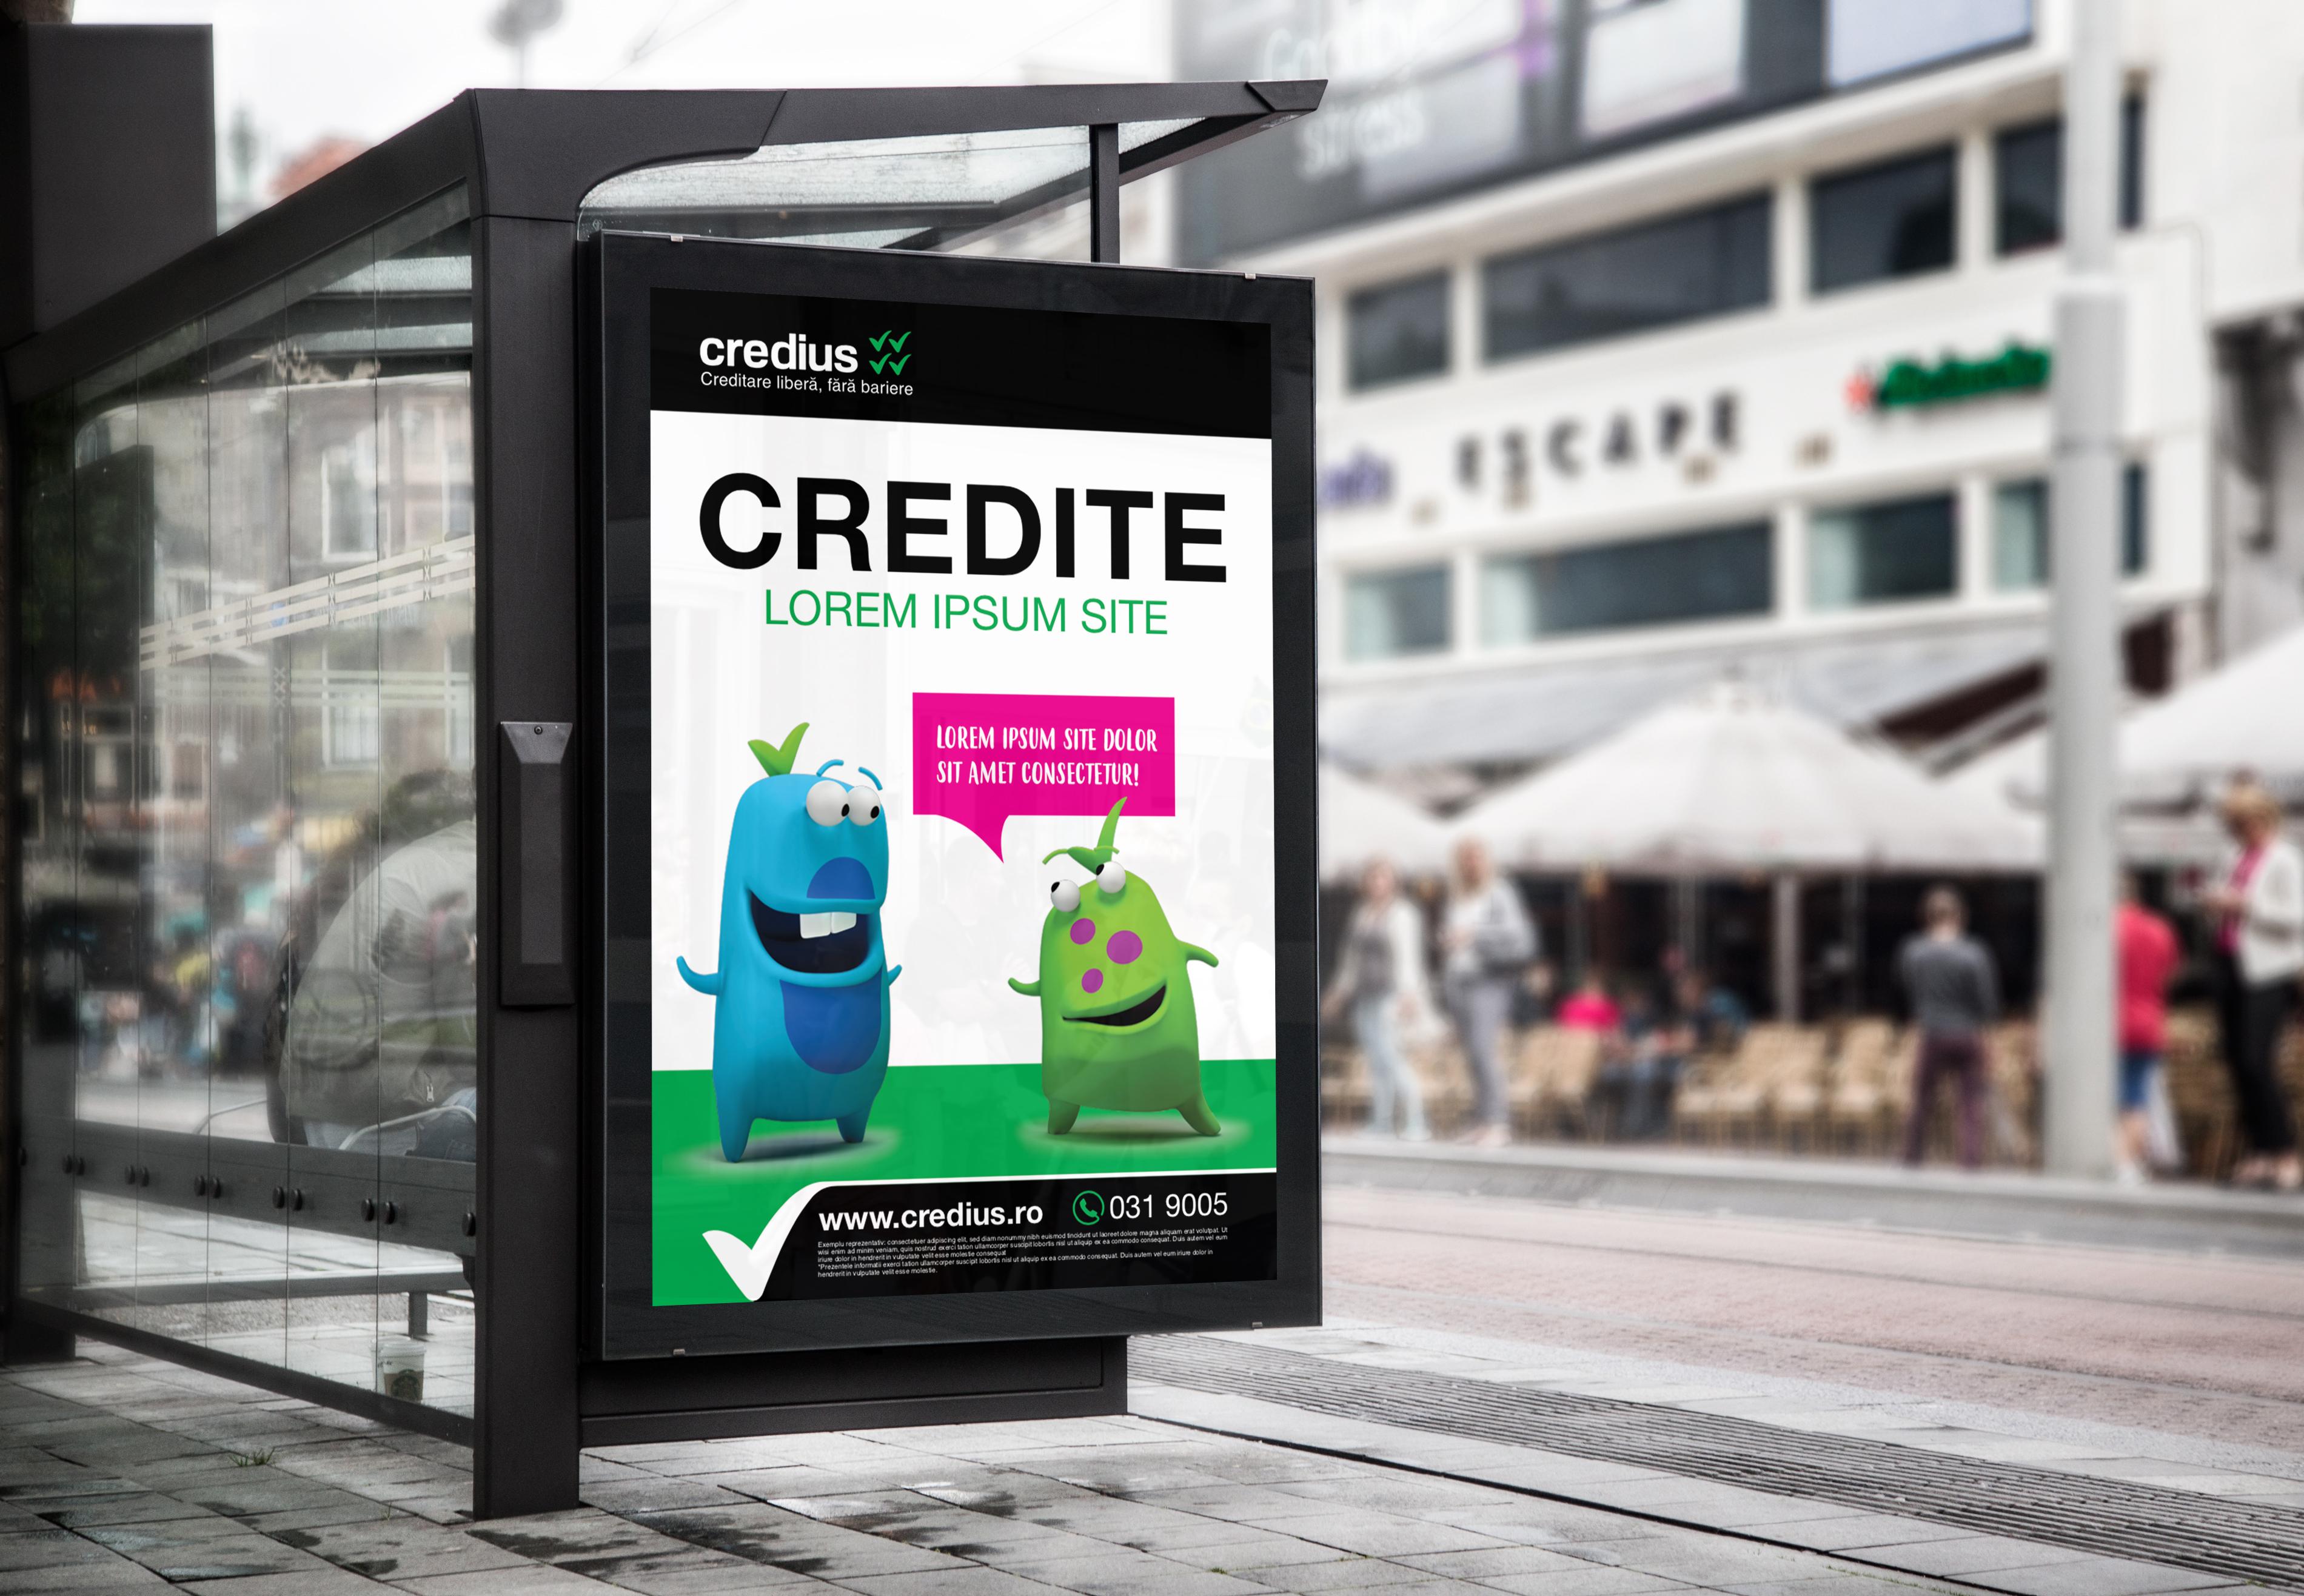 credius branding bus ad